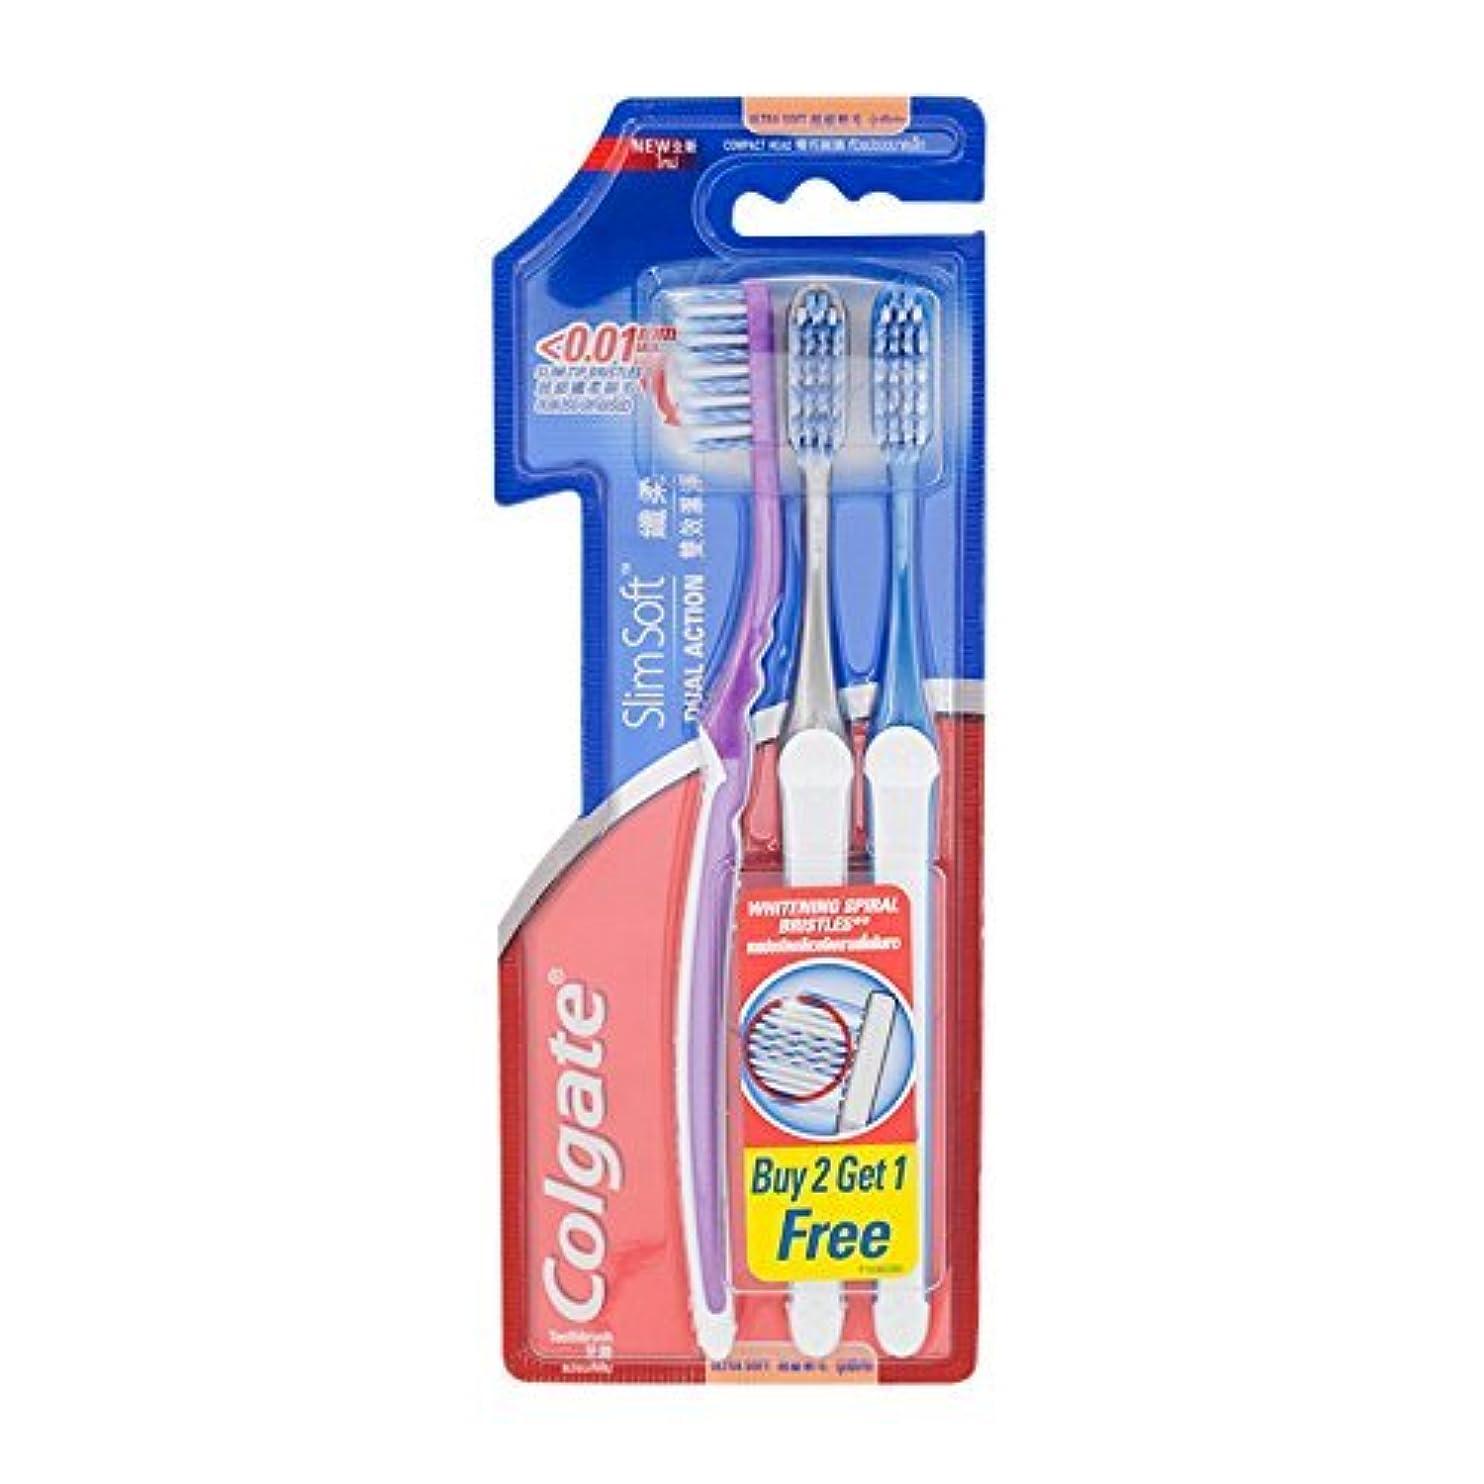 神社爆弾取り扱いColgate Compact Ultra Soft Dual Action | Slim Soft Toothbrush, Family Pack (3 Bristles) by BeautyBreeze